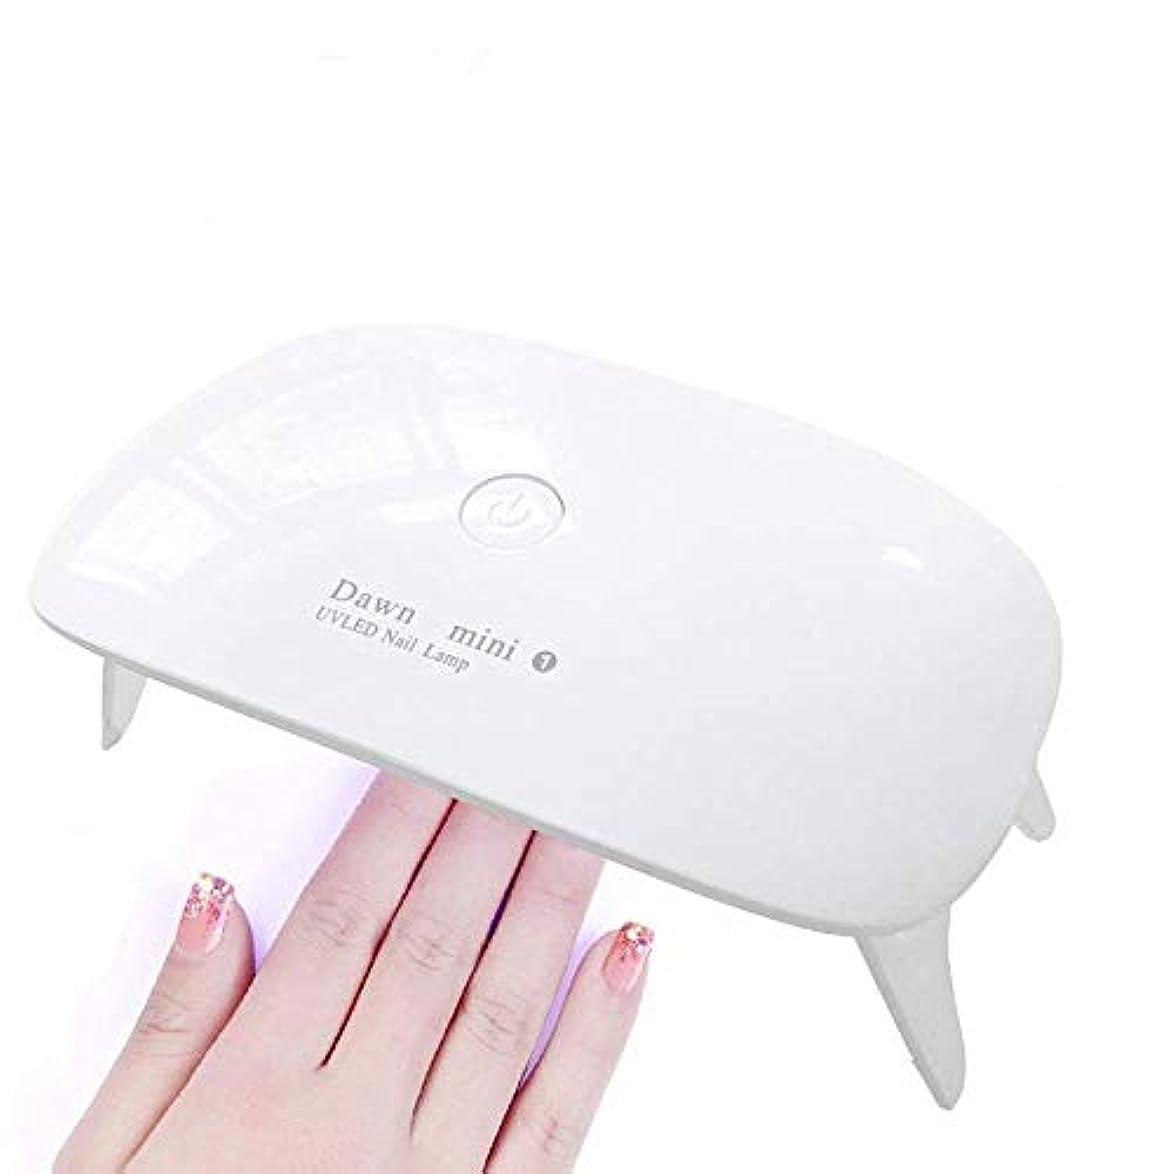 判読できないターゲット空いているLEDネイルドライヤー UVライト LED 硬化ライト タイマー設定可能 折りたたみ式手足とも使える UV と LEDダブルライト ジェルネイル と uvライト レジン用